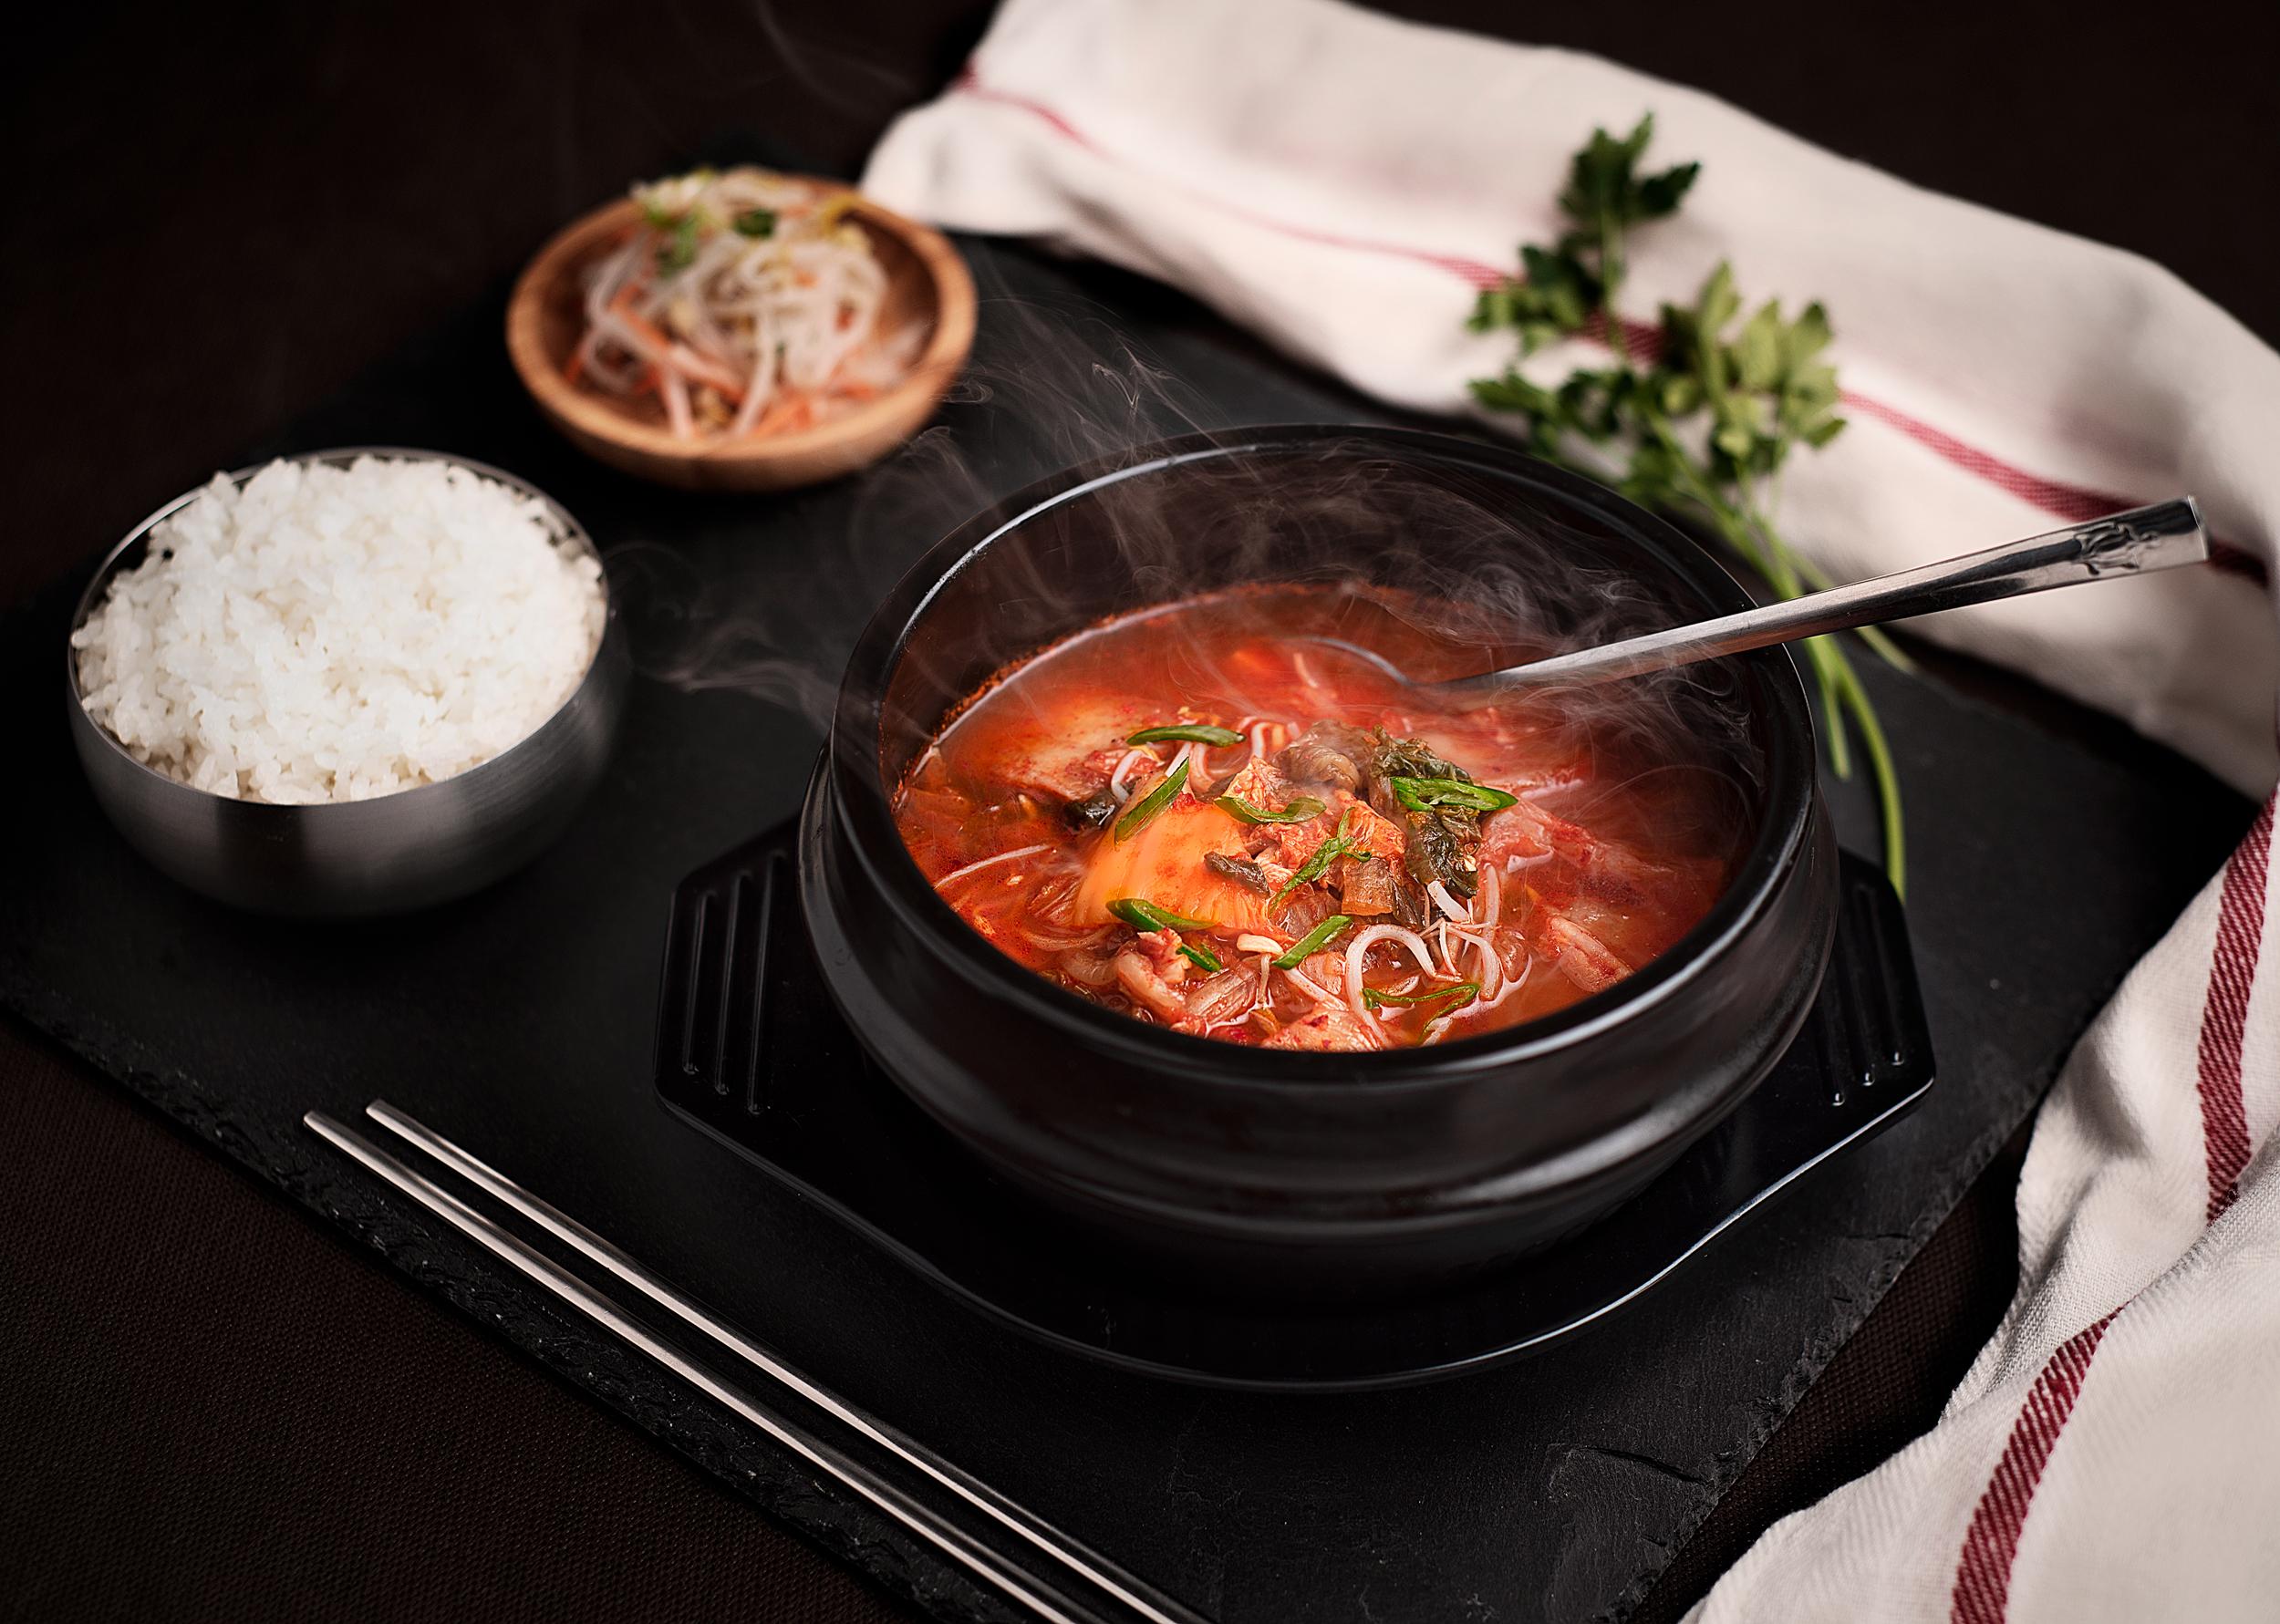 Kimchichigue - Caldo de Kimchi maduro con carne de cerdo y tofu.Quizá el caldo más tradicional coreano junto al Duenjangchigue, es un caldo de Kimchi maduro con tofu y carne de cerdo, con un intenso sabor.Servio en un cuenco de barro hirviente junto a un bowl de arroz blanco. Para los amantes de la auténtica comida coreana.12.50€